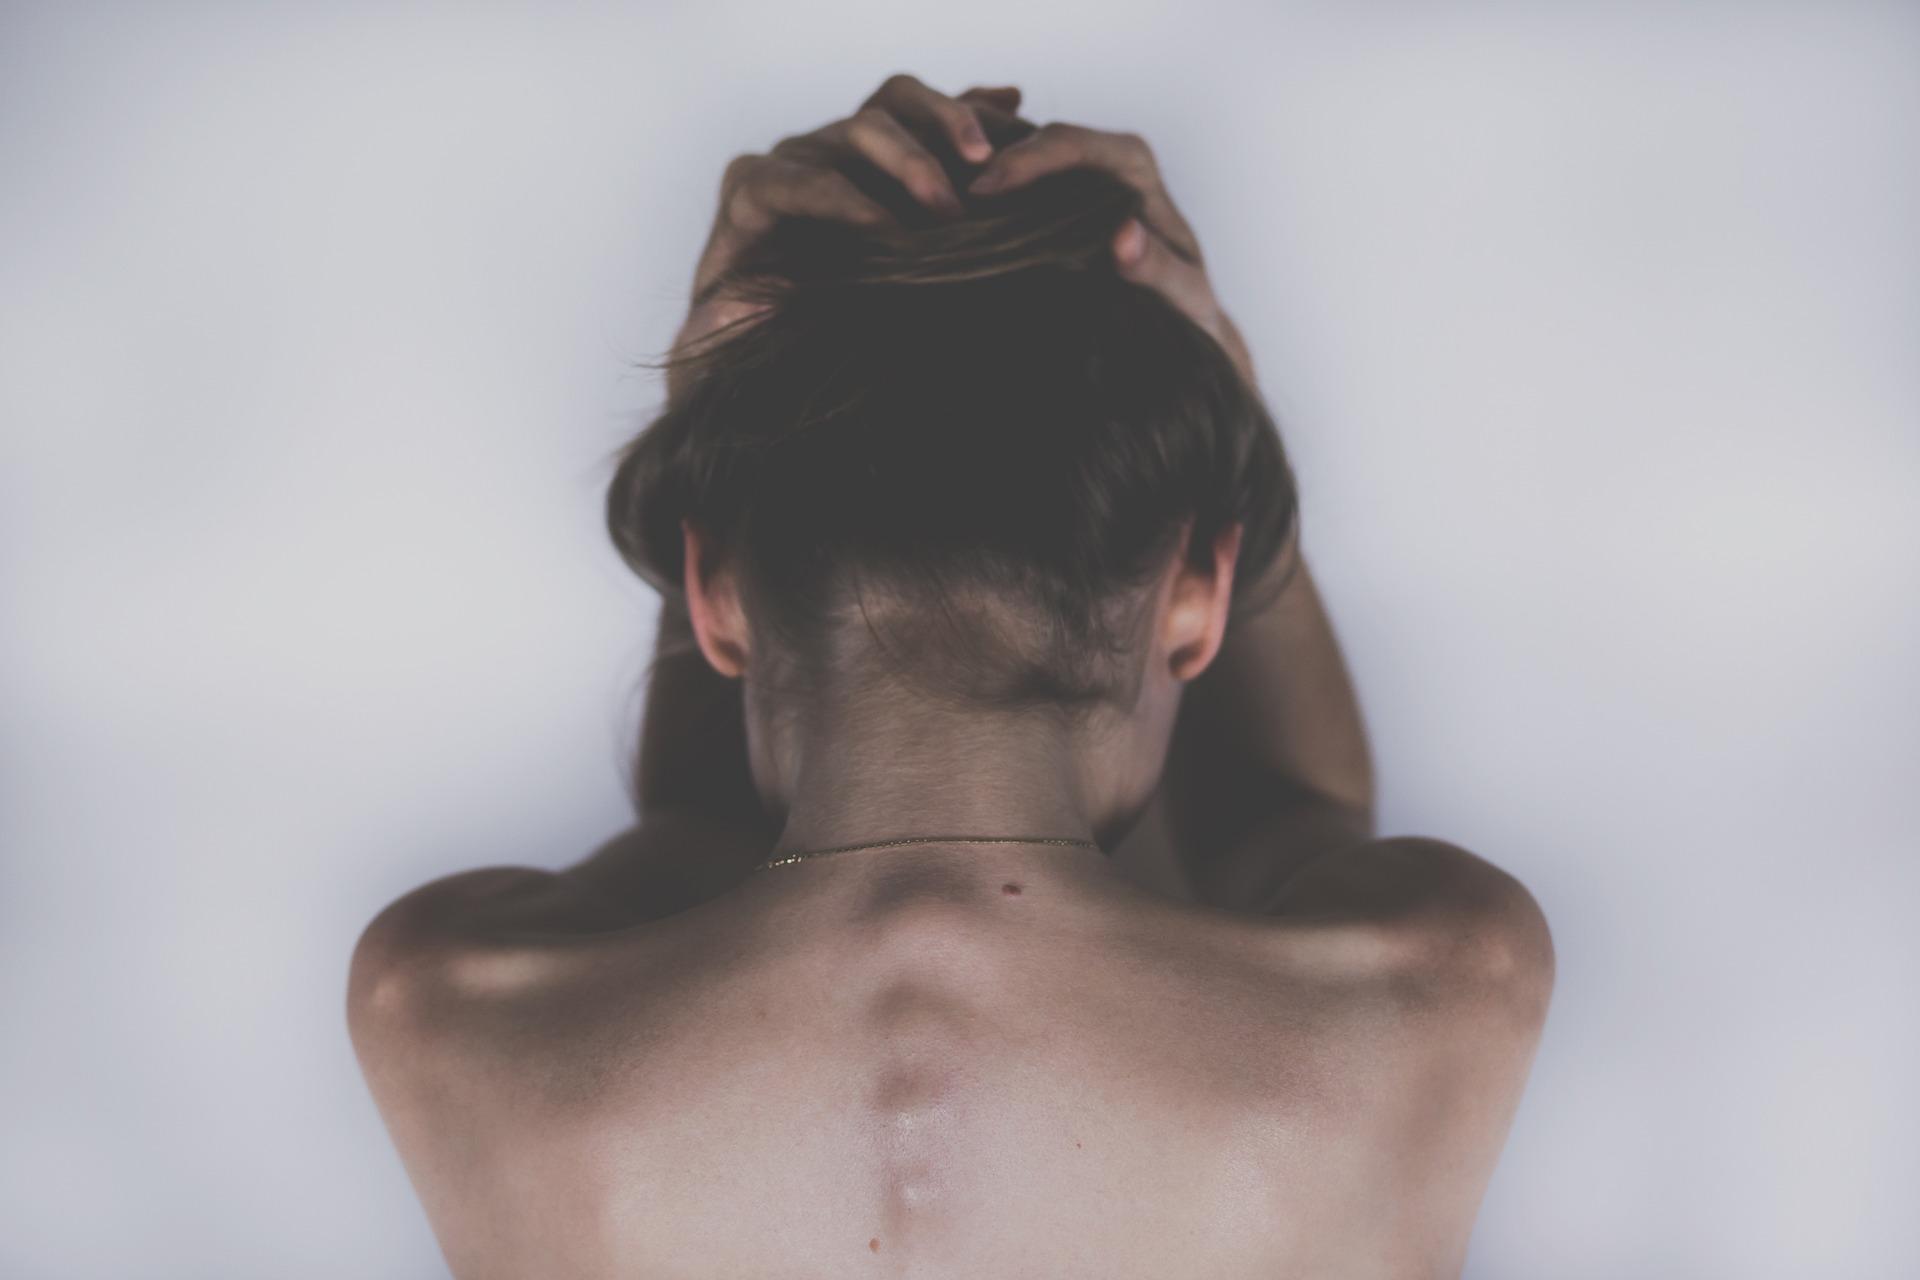 kręgosłup szyjny piersiowy